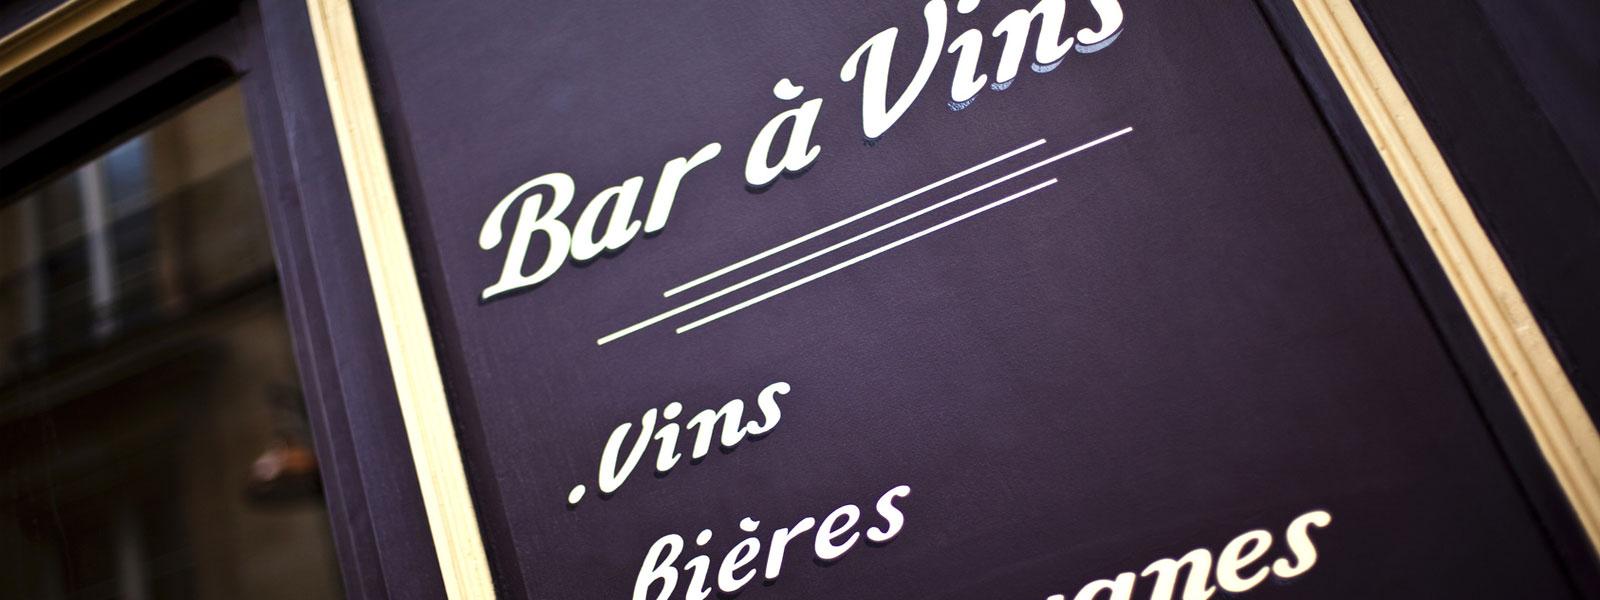 panneau signalétique bar a vins